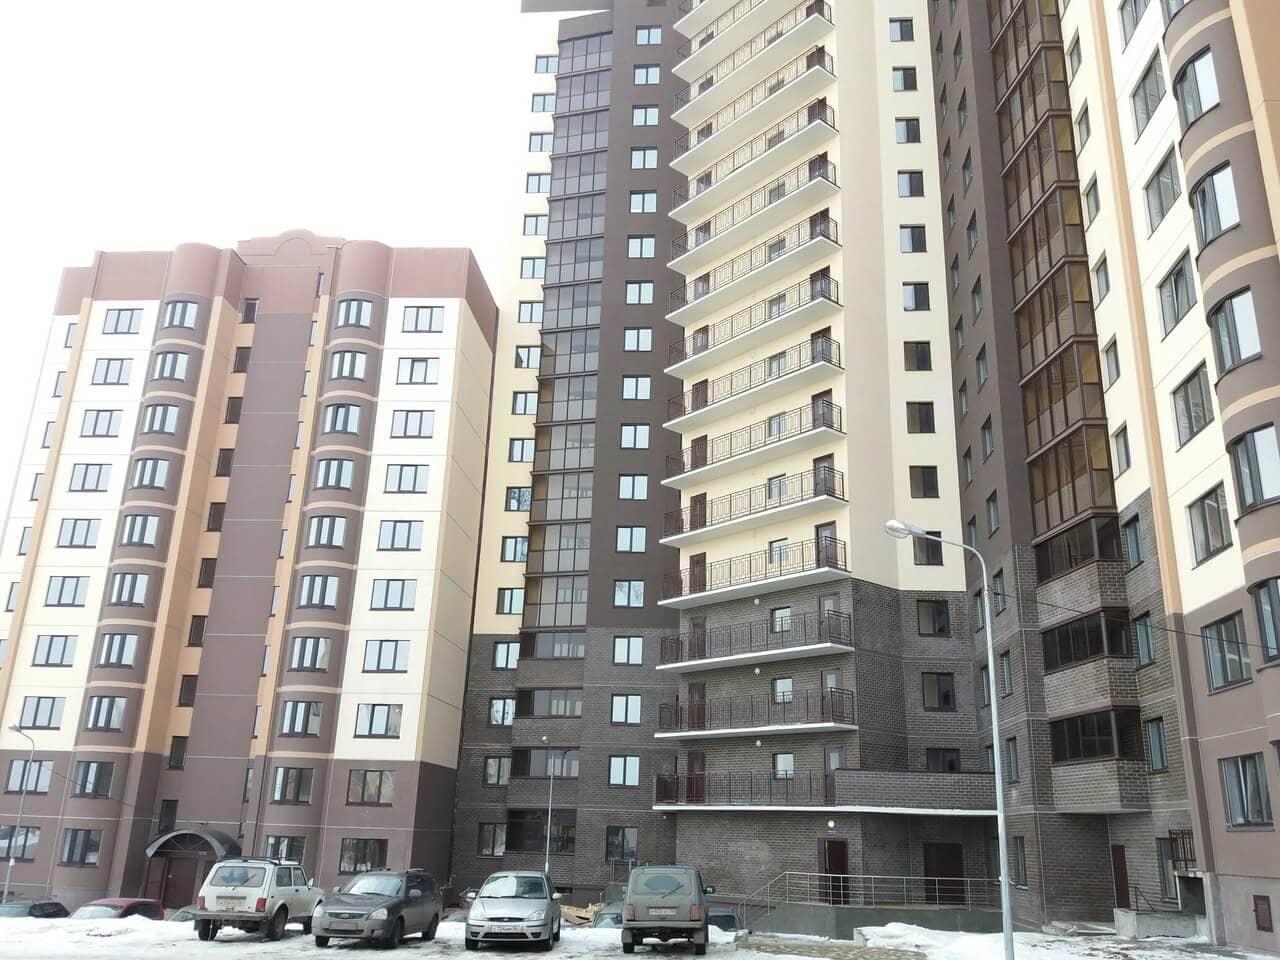 фото квартир с ремонтом в жк университетский часть своей жизни